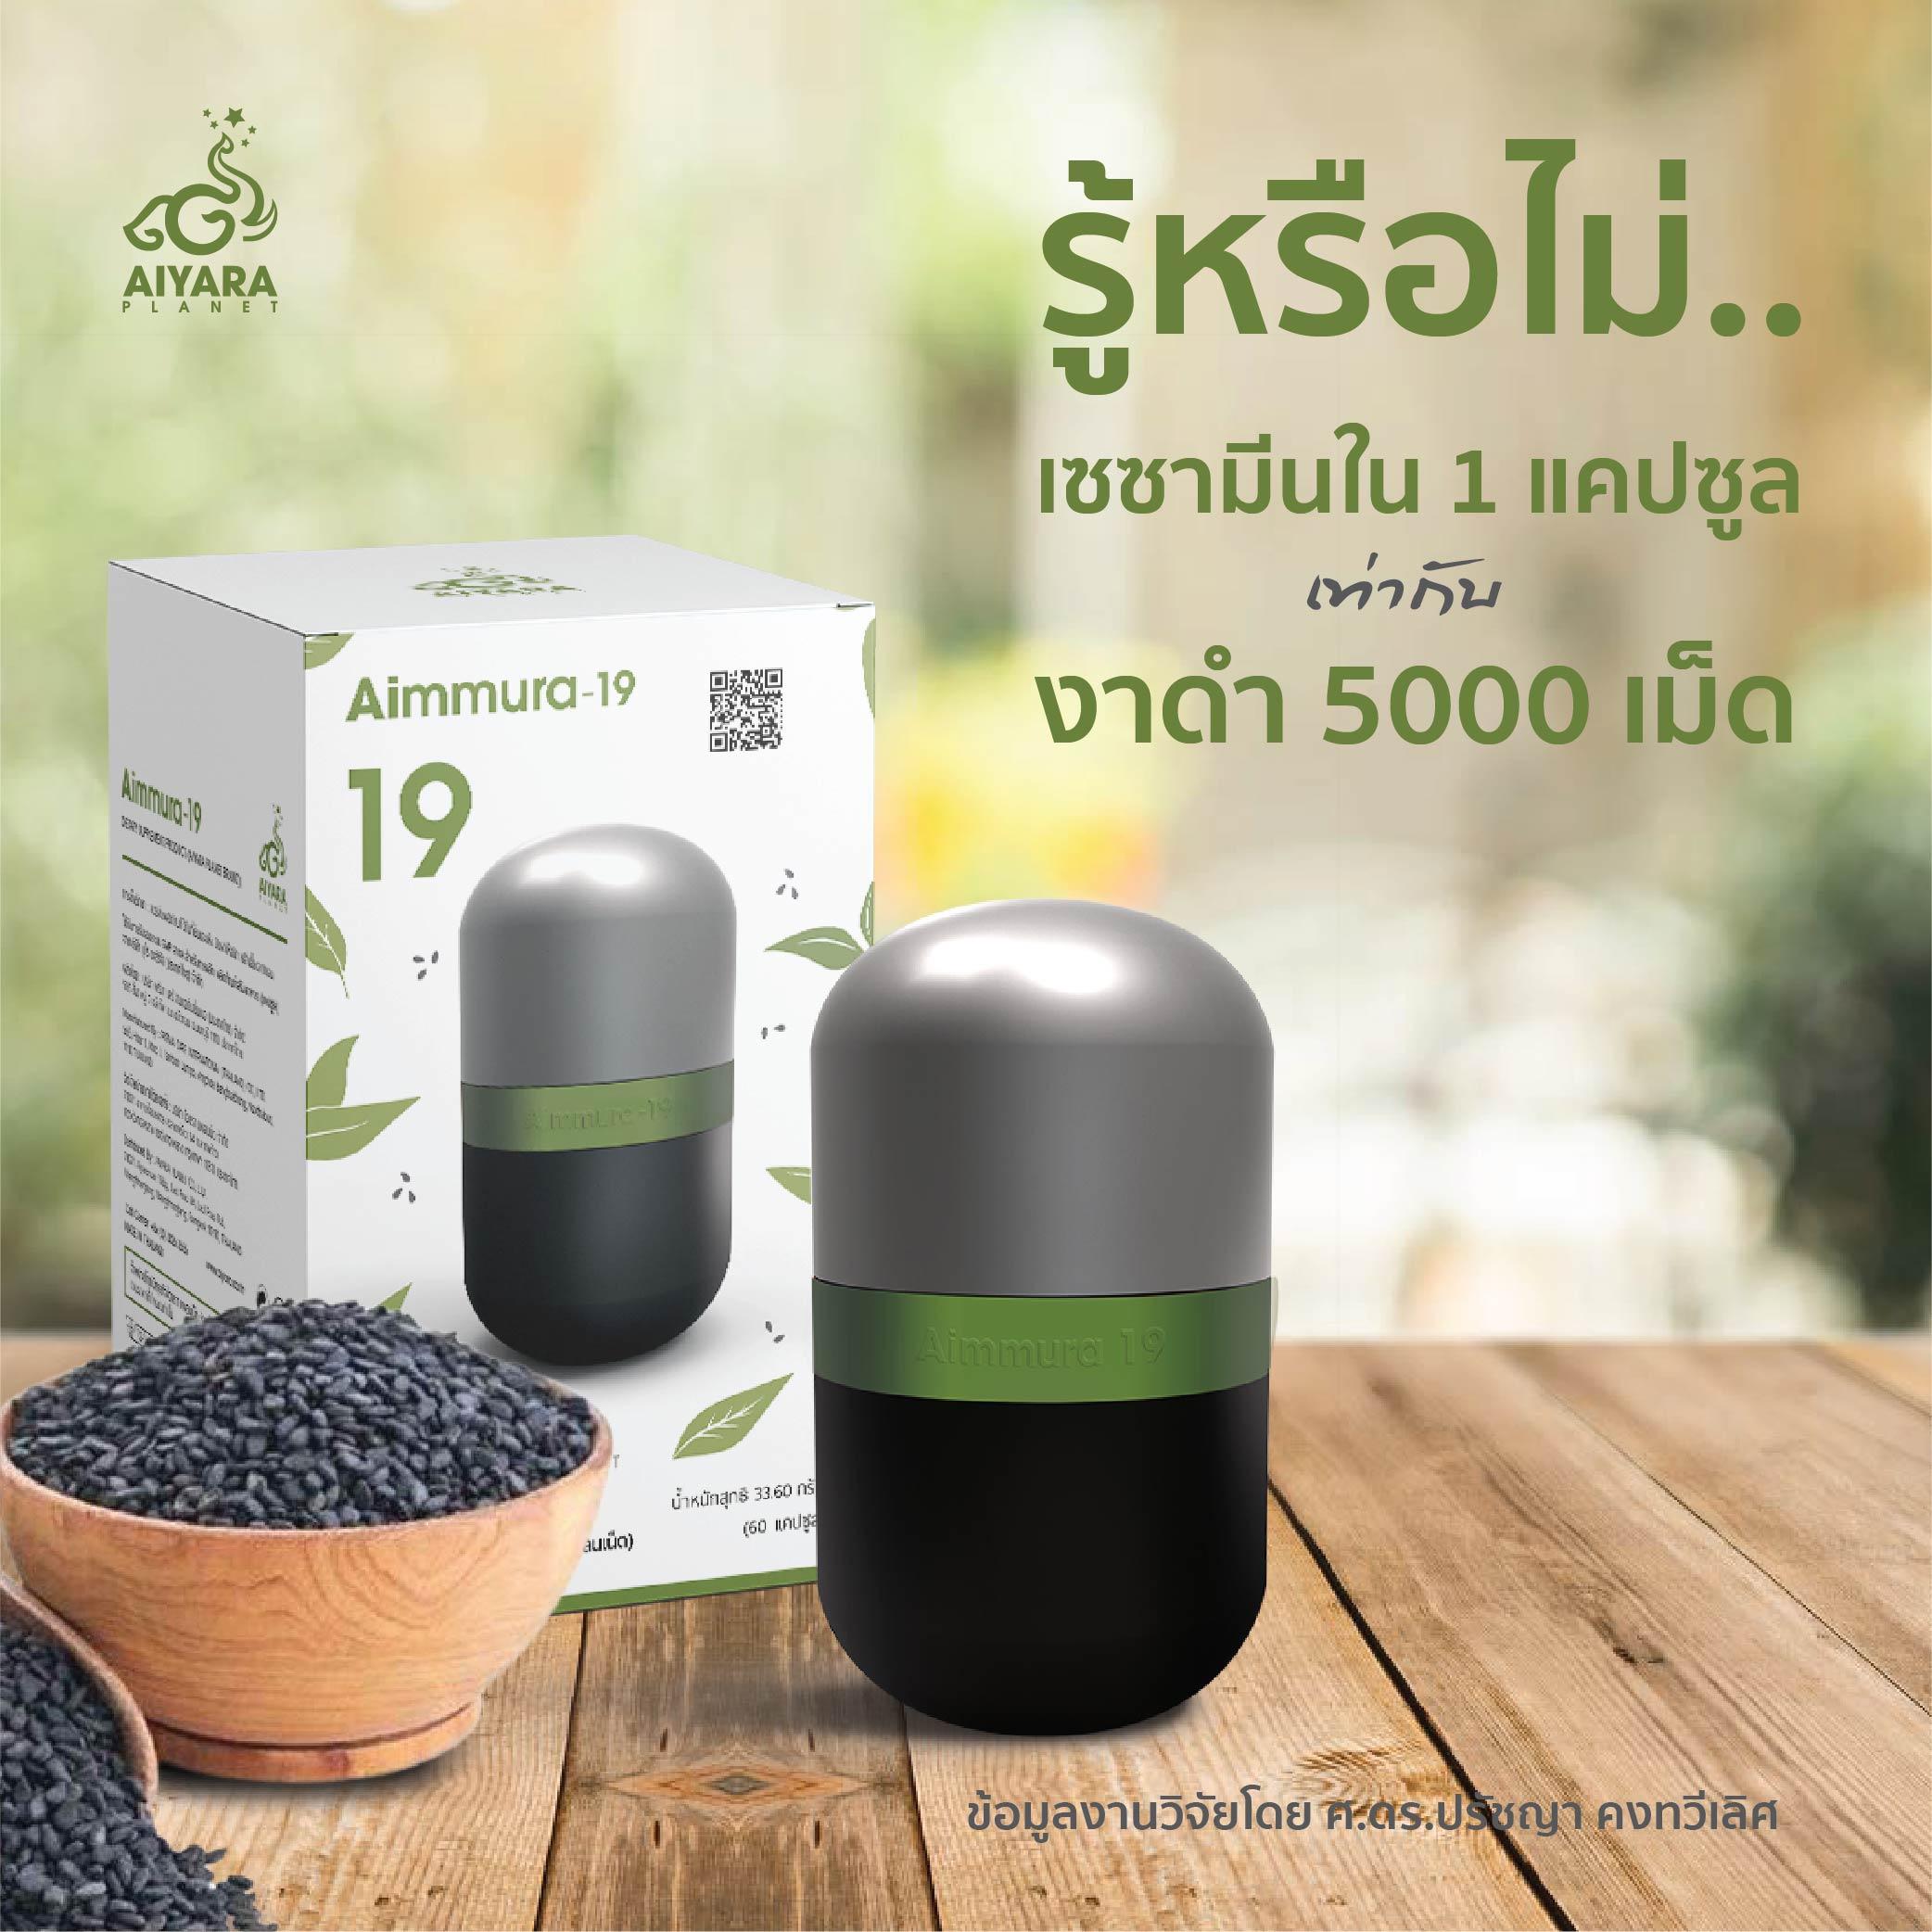 (Thai) รู้หรือไม่..เซซามีน 1 แคปซูล = งาดำ 5000 เม็ด